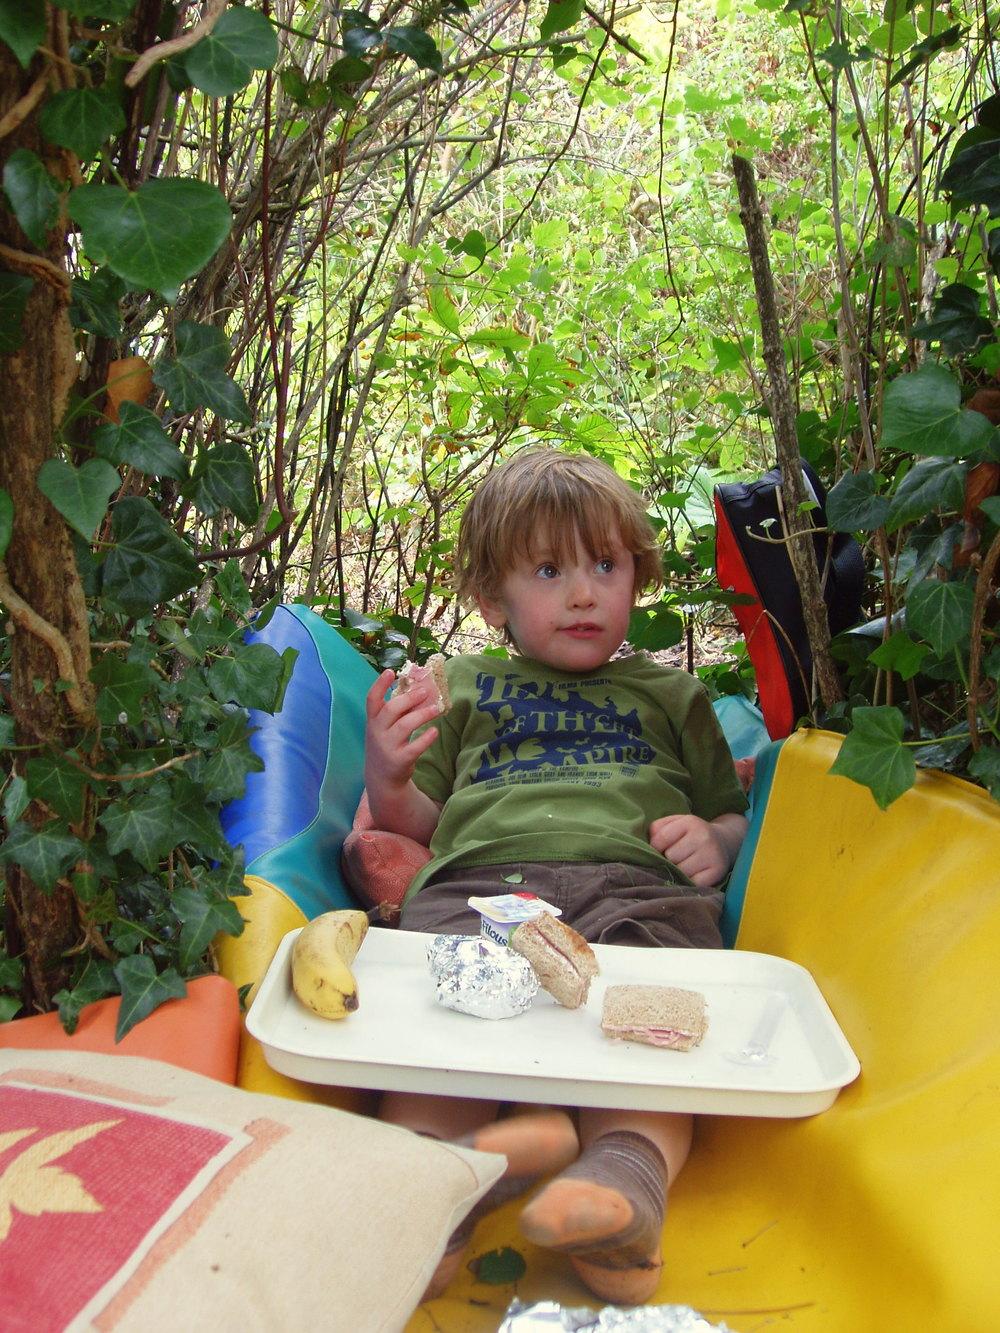 Eddie lunch in garden.JPG